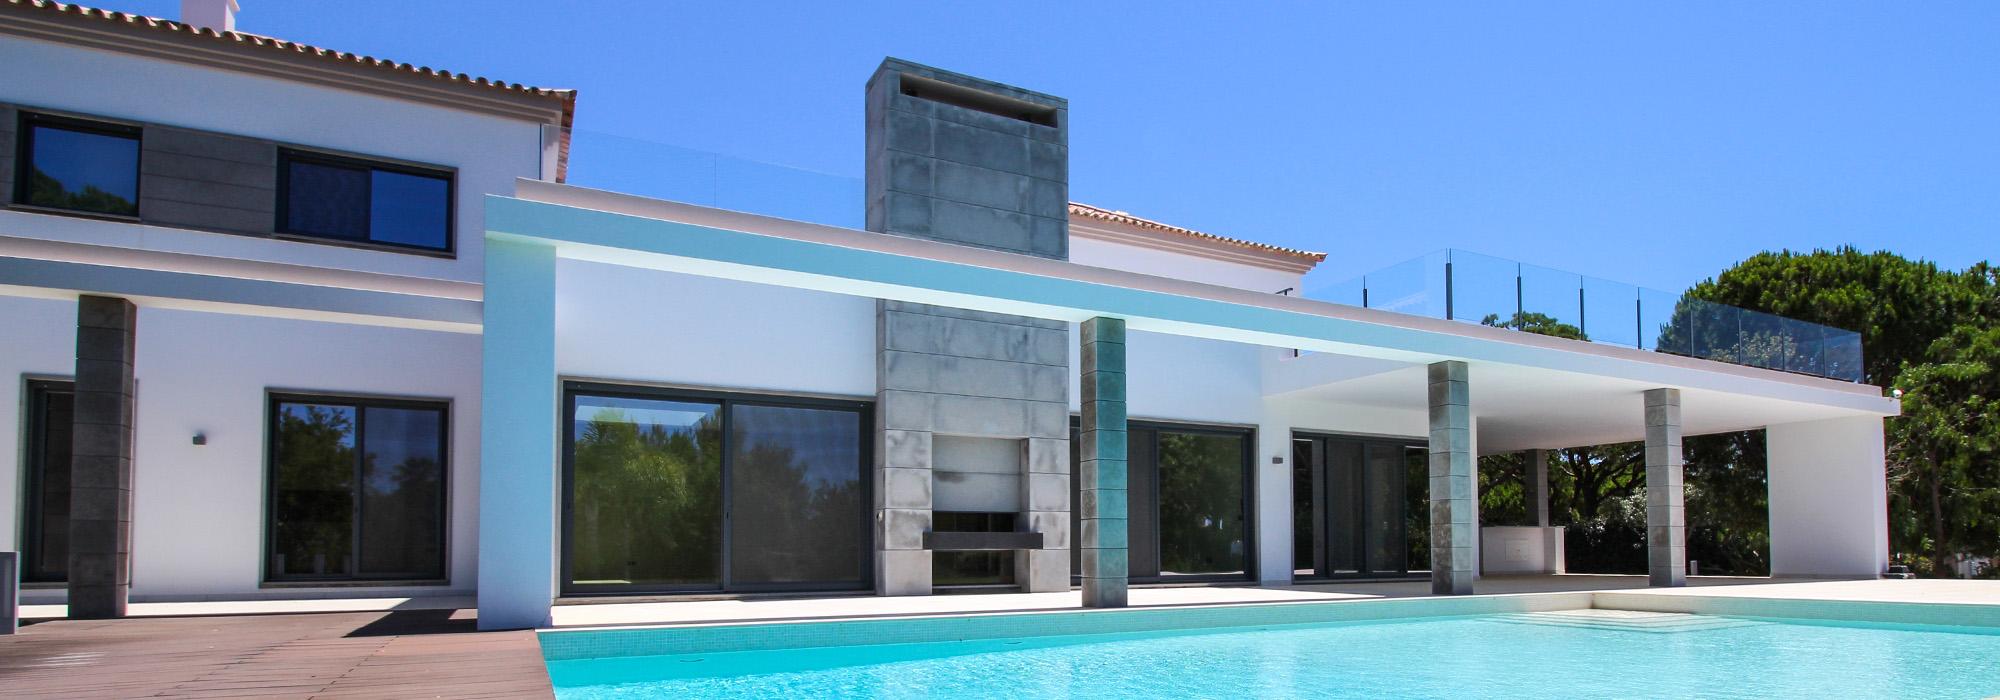 Quinta do Lago Properties